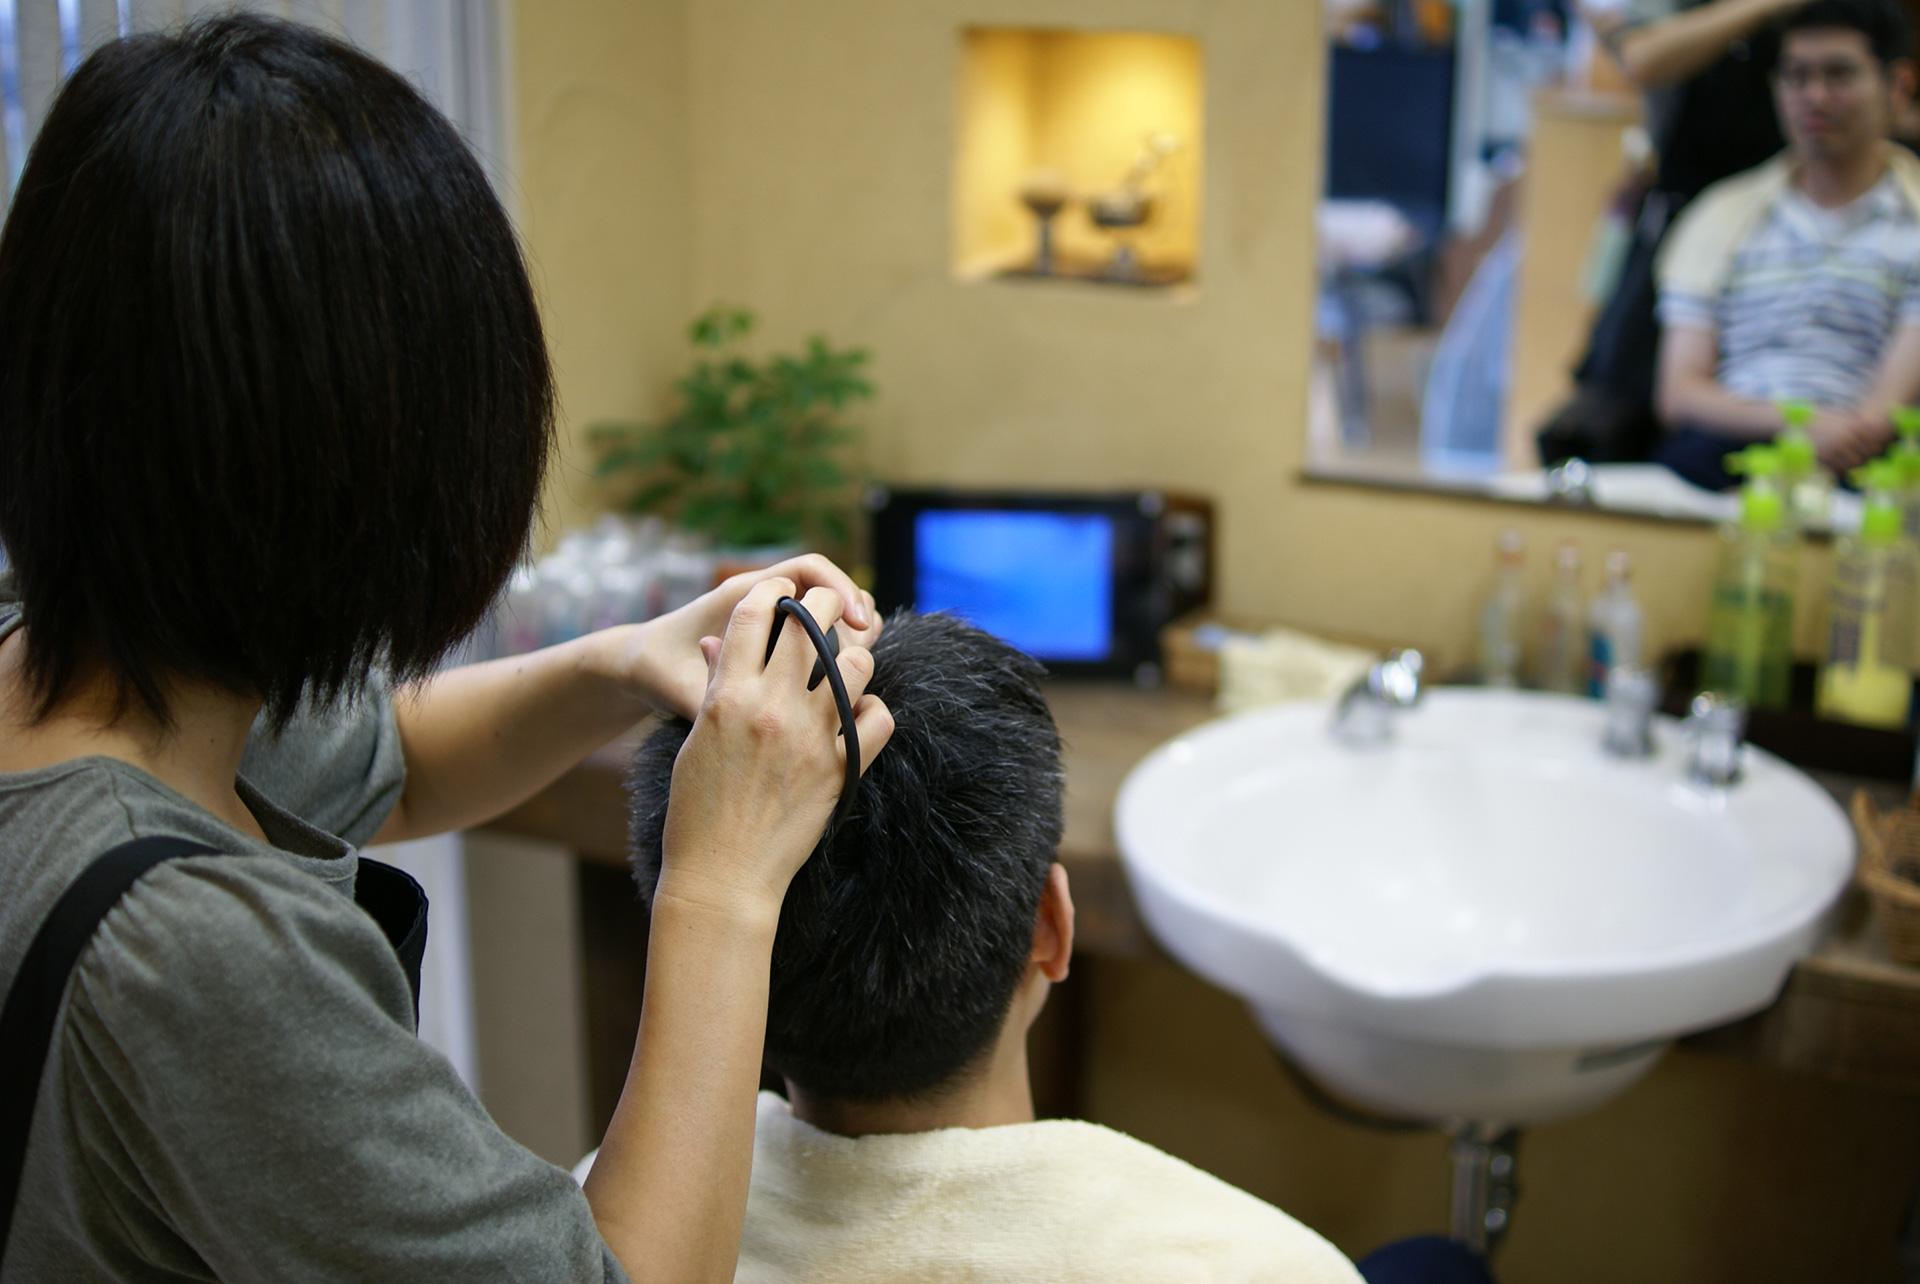 マイクロスコープによる毛根や頭皮の確認の様子